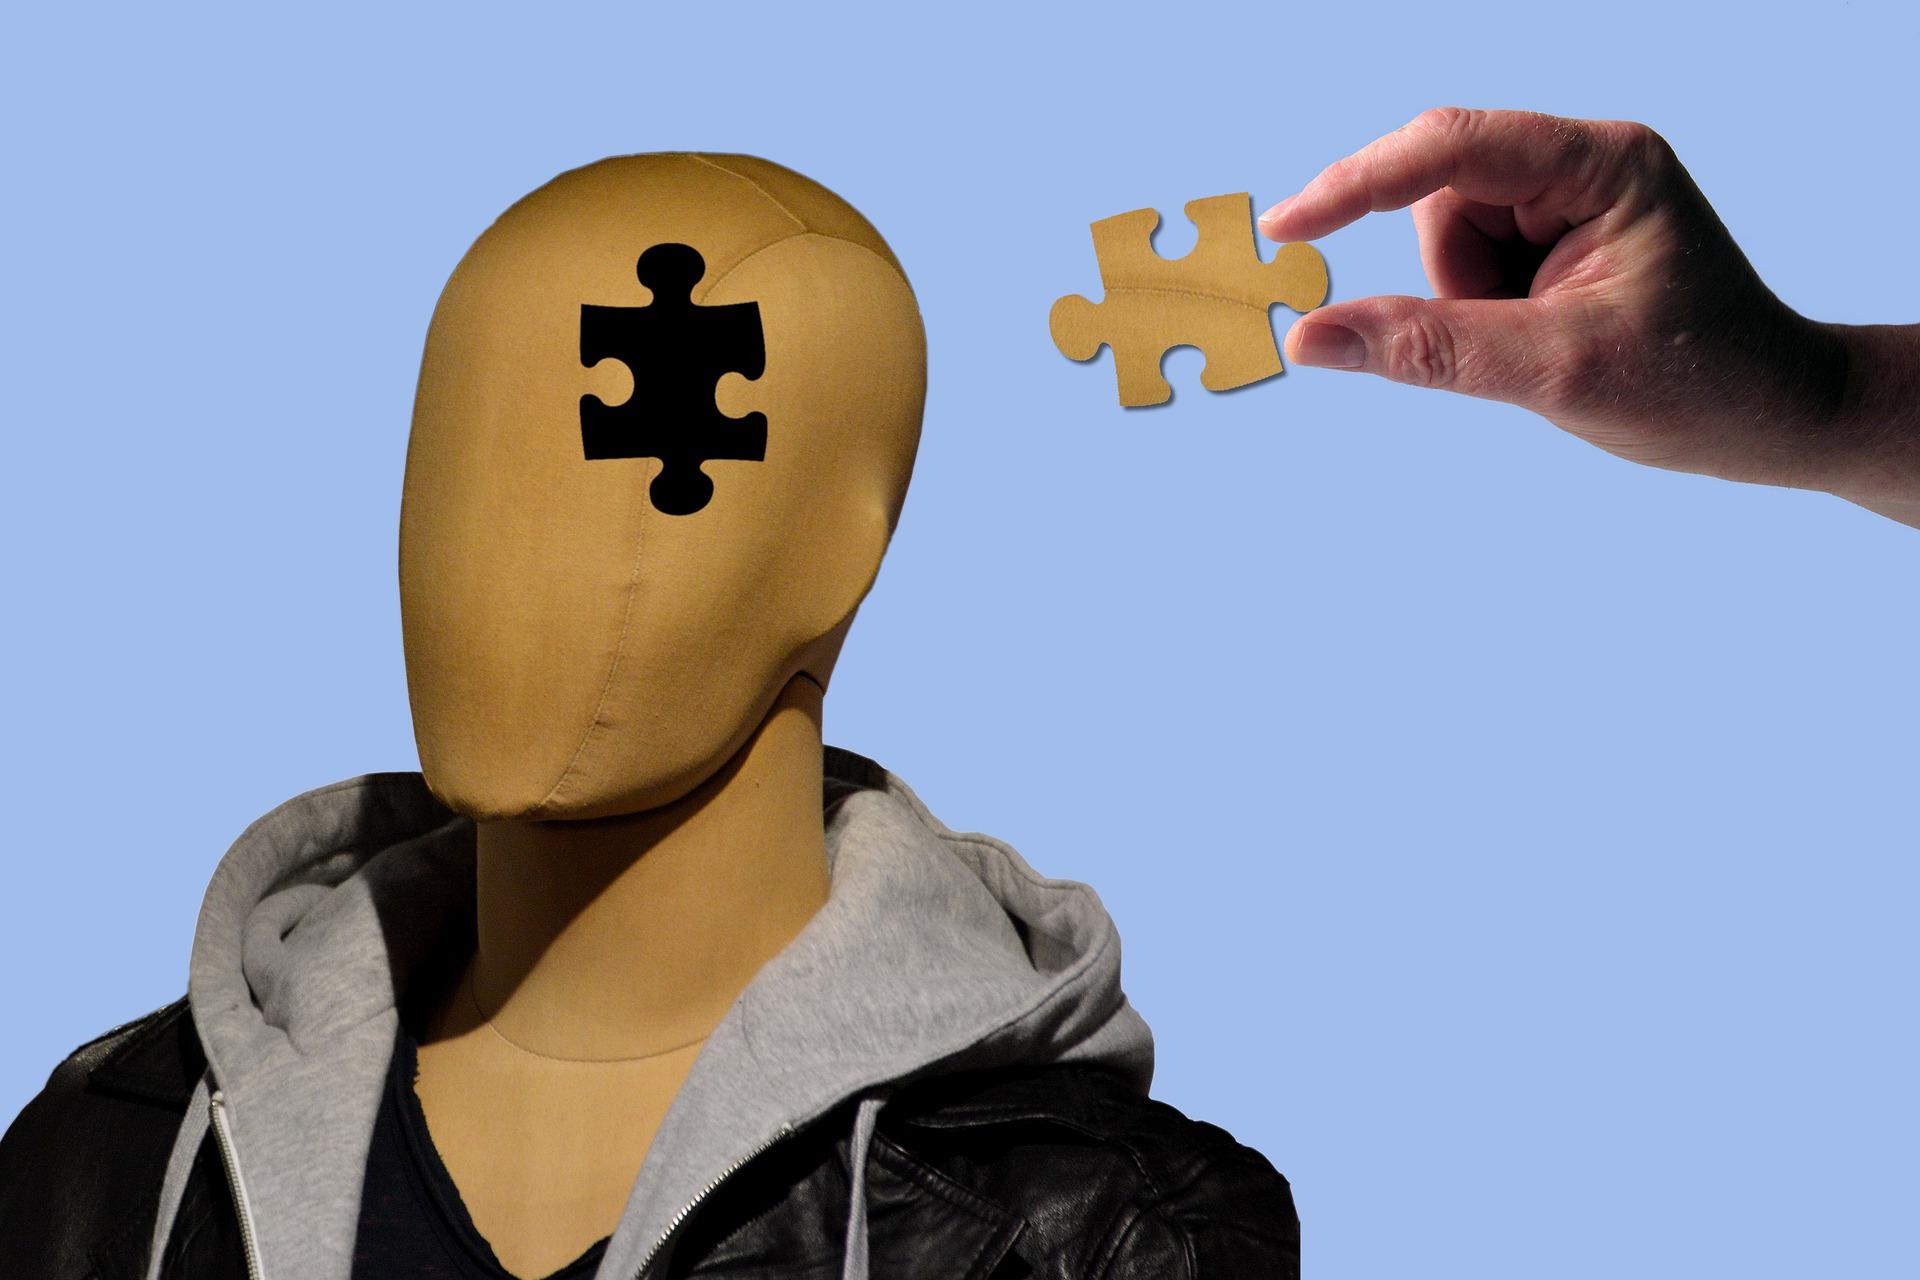 3  דברים שלא ידעתם על טיפול פסיכולוגי לדתיים